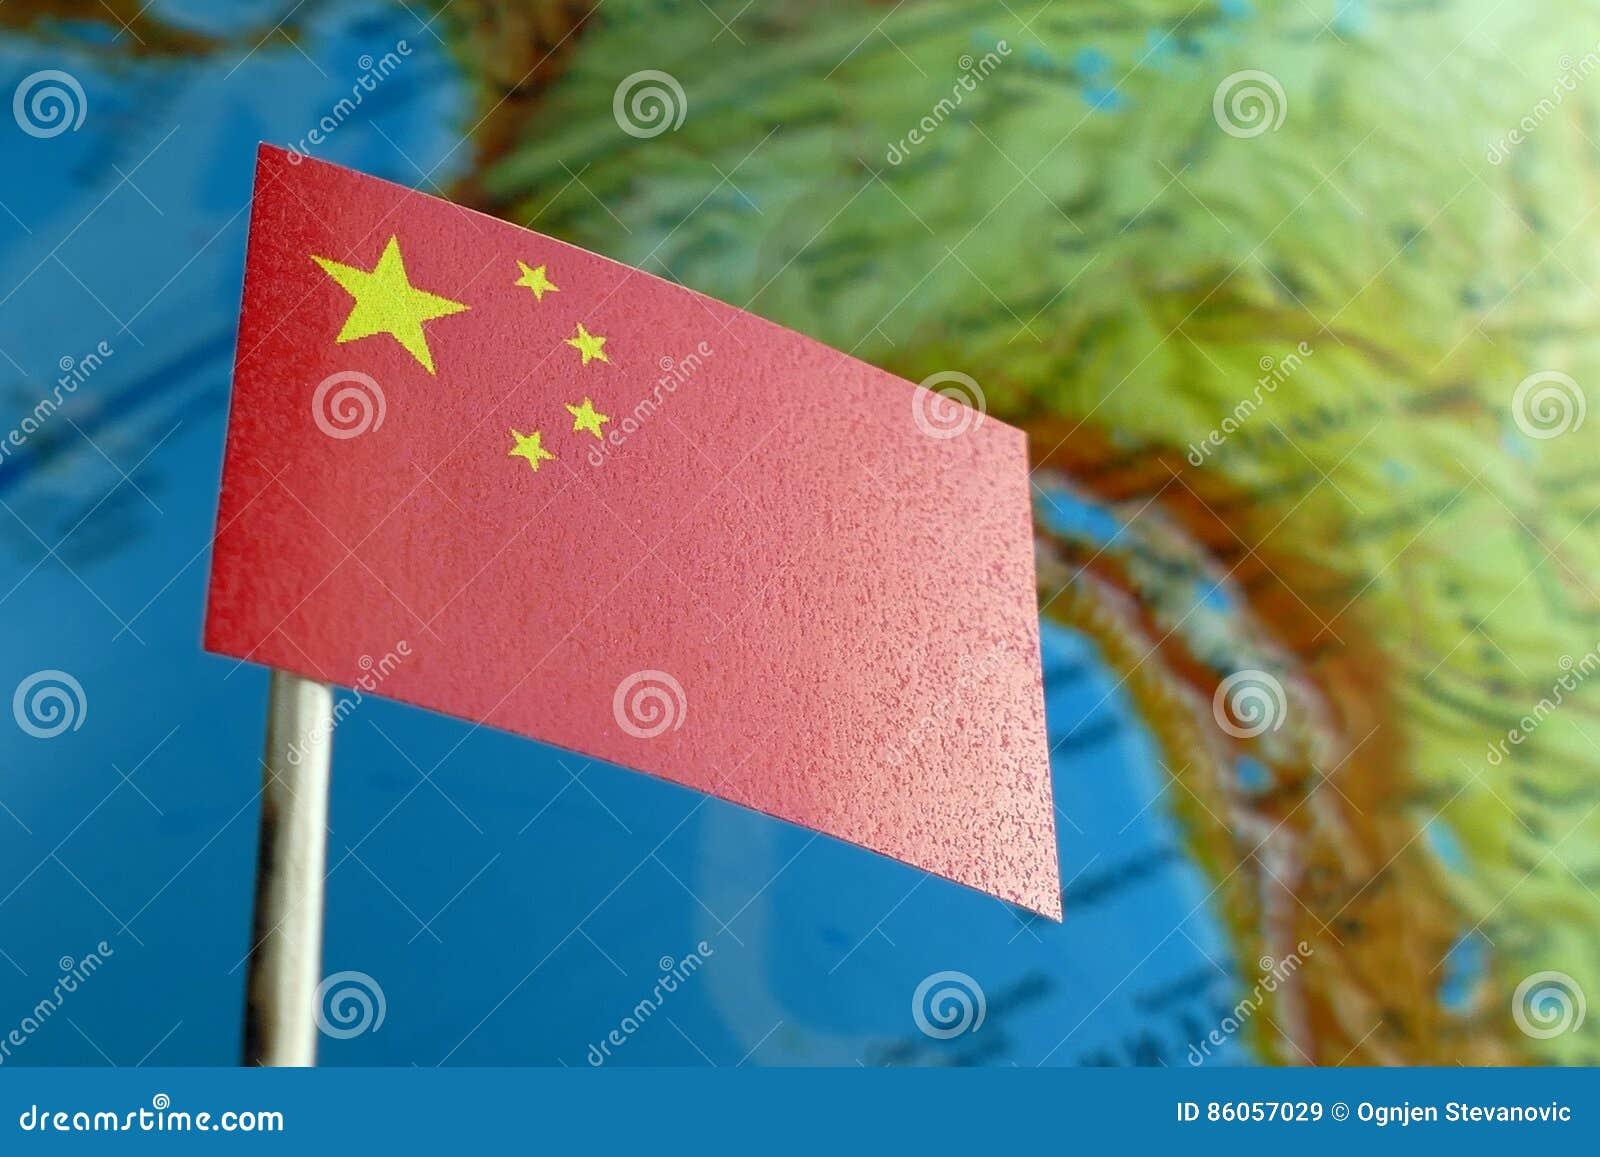 De vlag van China met een bolkaart als achtergrond